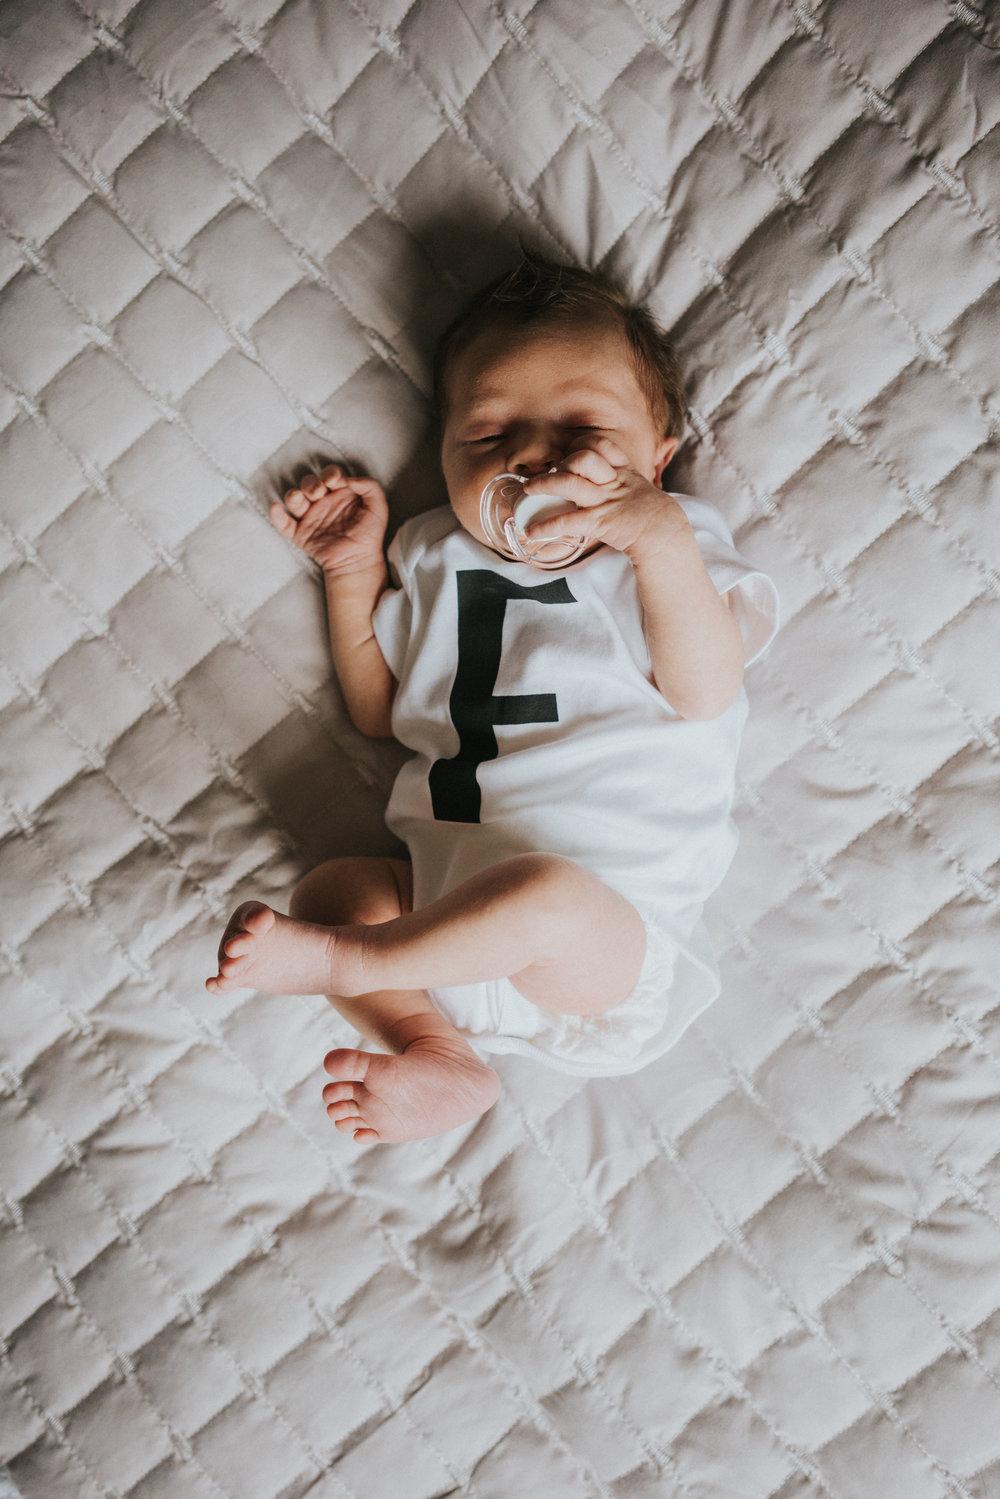 fletcher-newborn-mini-session-grace-elizabeth-colchester-essex-wedding-lifestyle-newborn-photographer-essex-suffolk-norfolk-devon (12 of 23).jpg